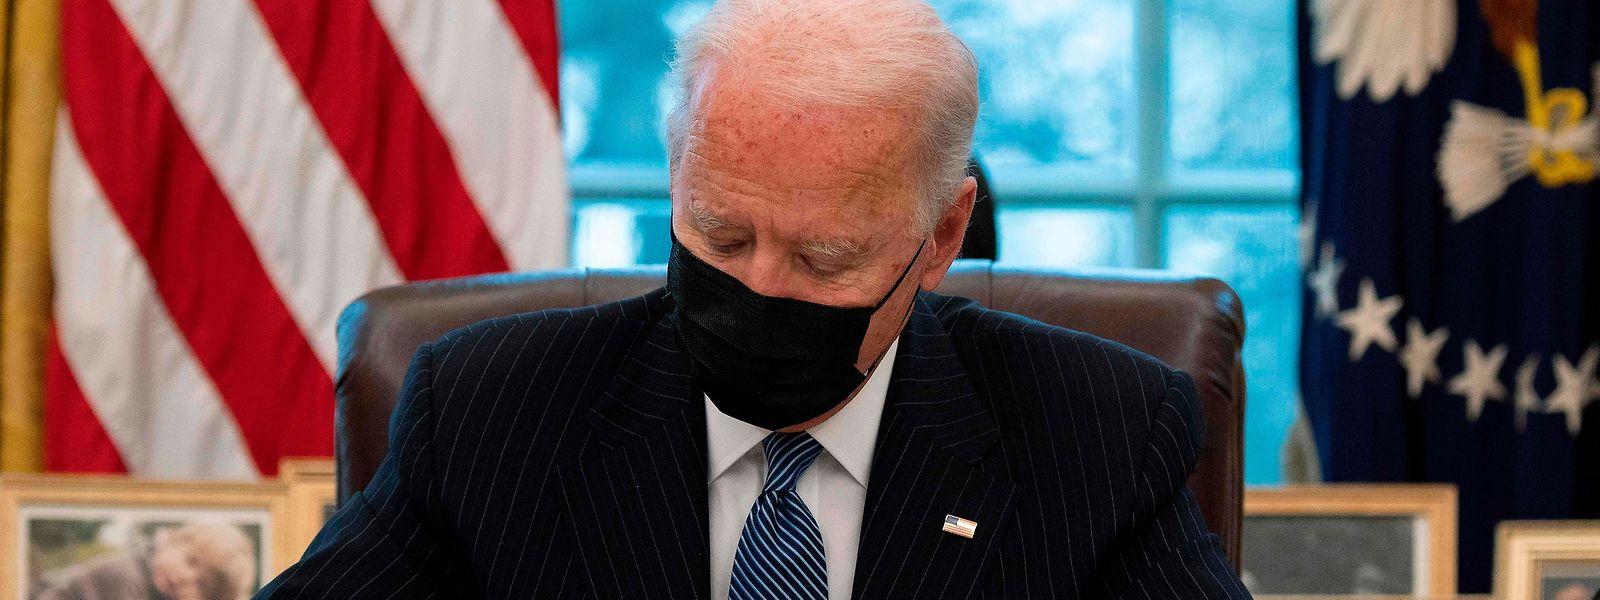 Unter US-Präsident Joe Biden ist wieder Normalität in die Abläufe des Weißen Hauses eingezogen.